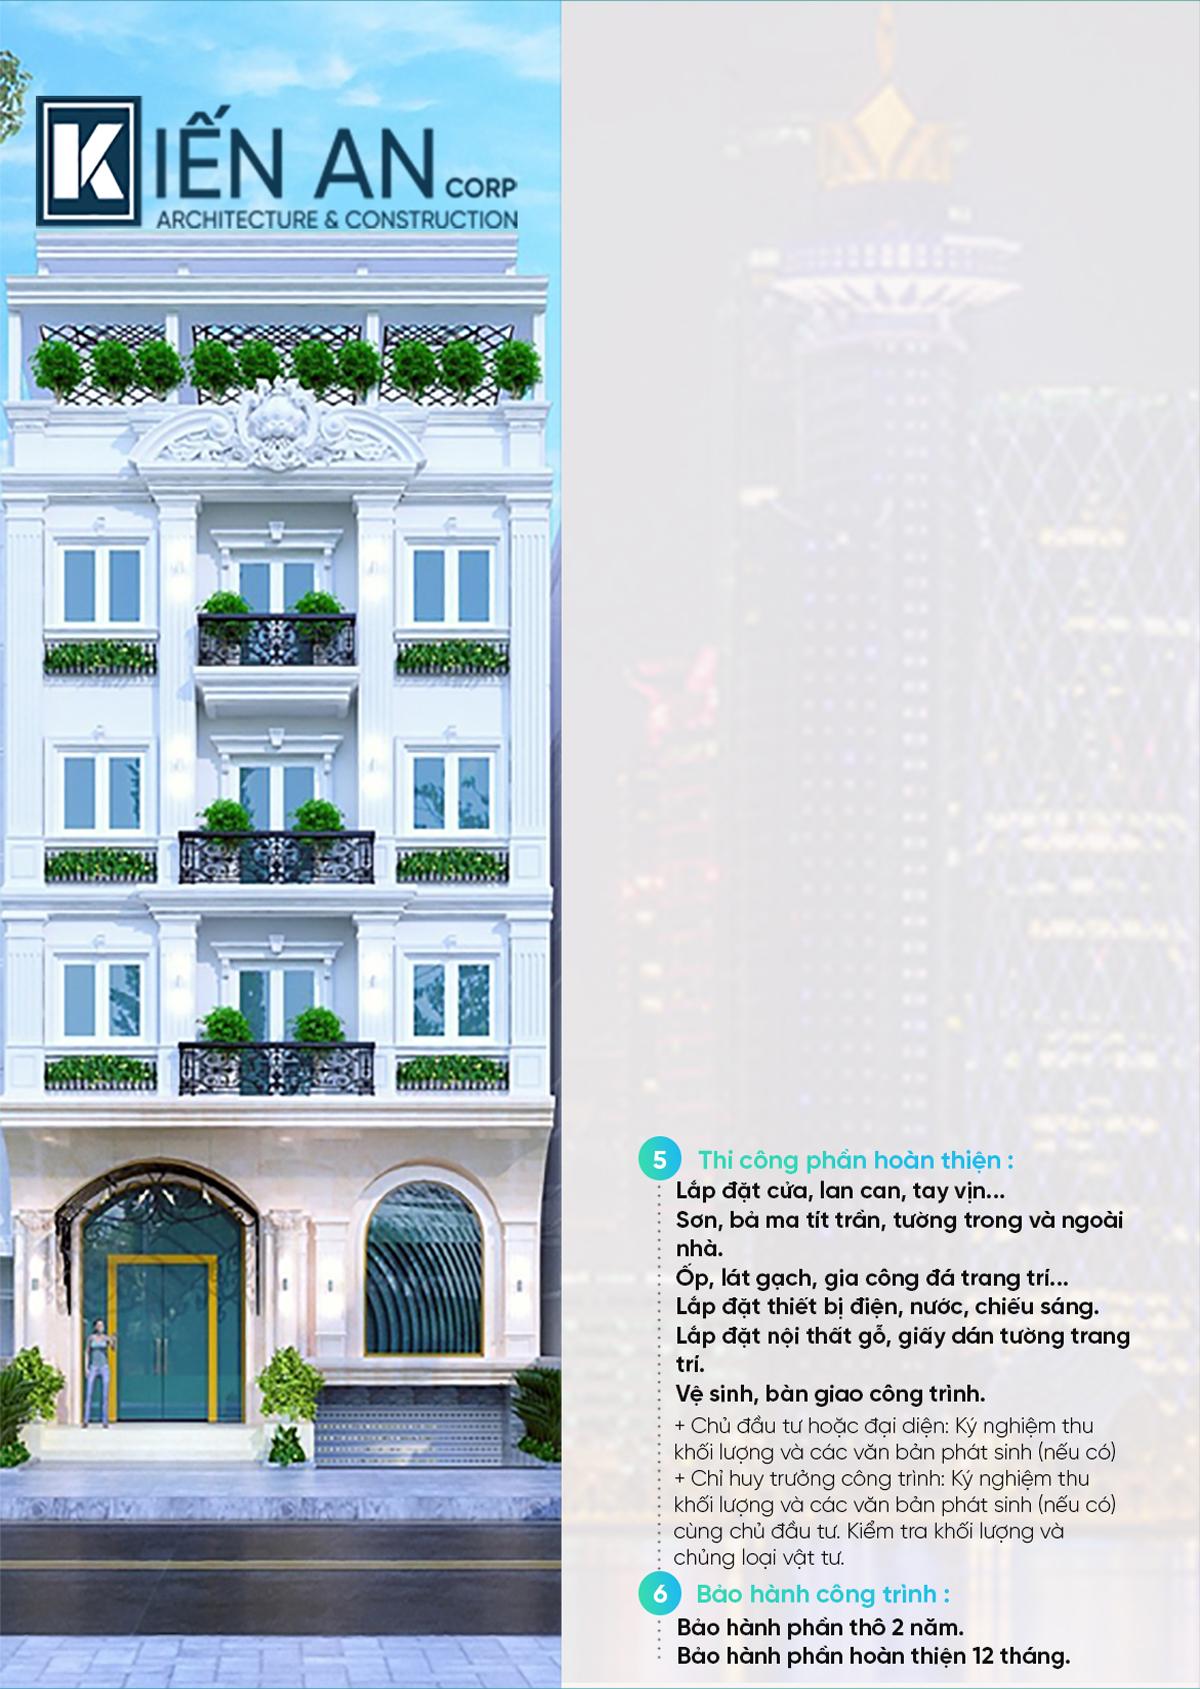 Quy trình xây dựng biệt thự nhà phố chuẩn Kiến An, Quy trình xây dựng chuẩn Kiến An